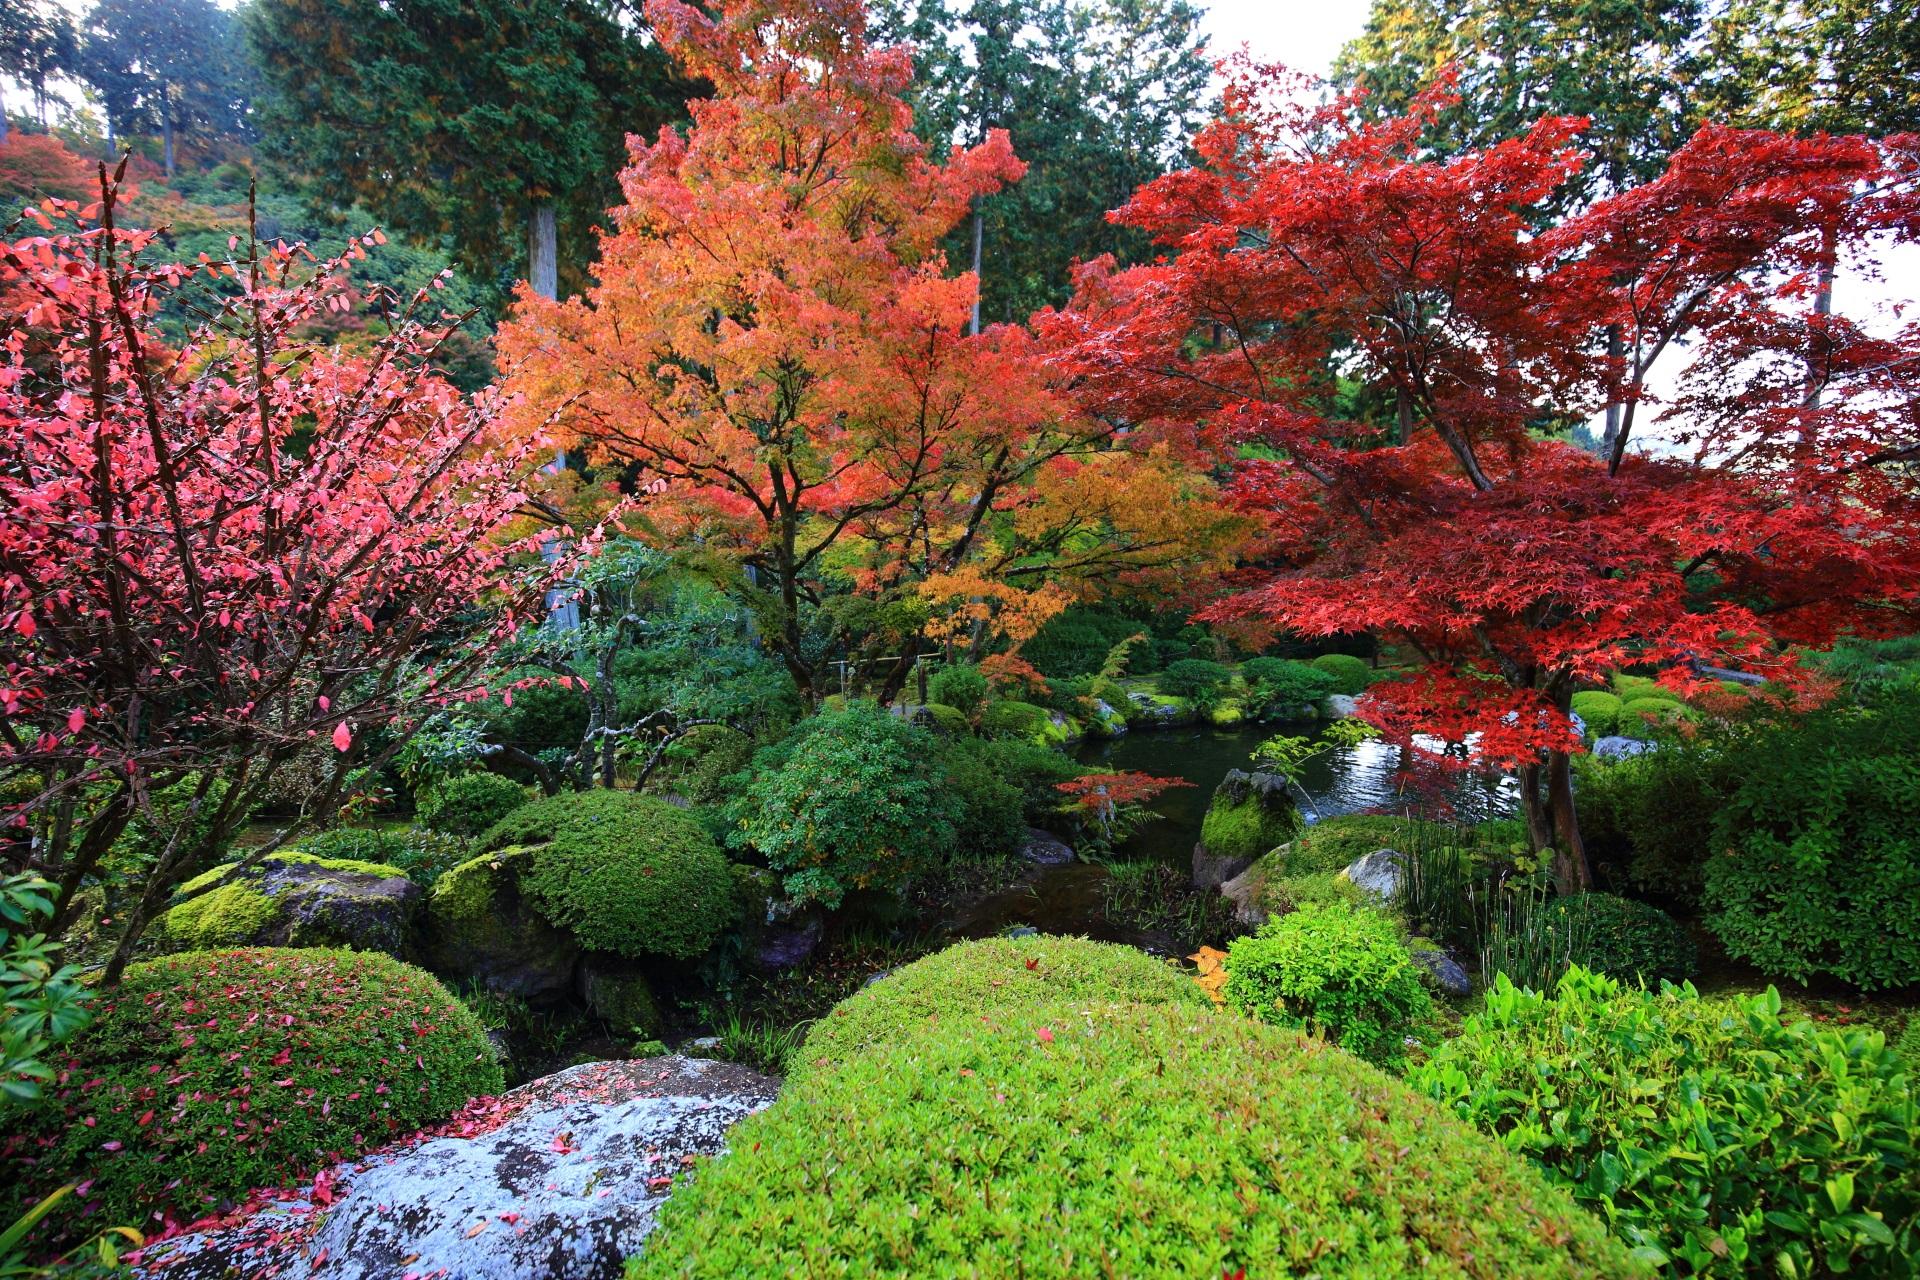 色とりどりの秋につつまれる三室戸寺の池泉式庭園